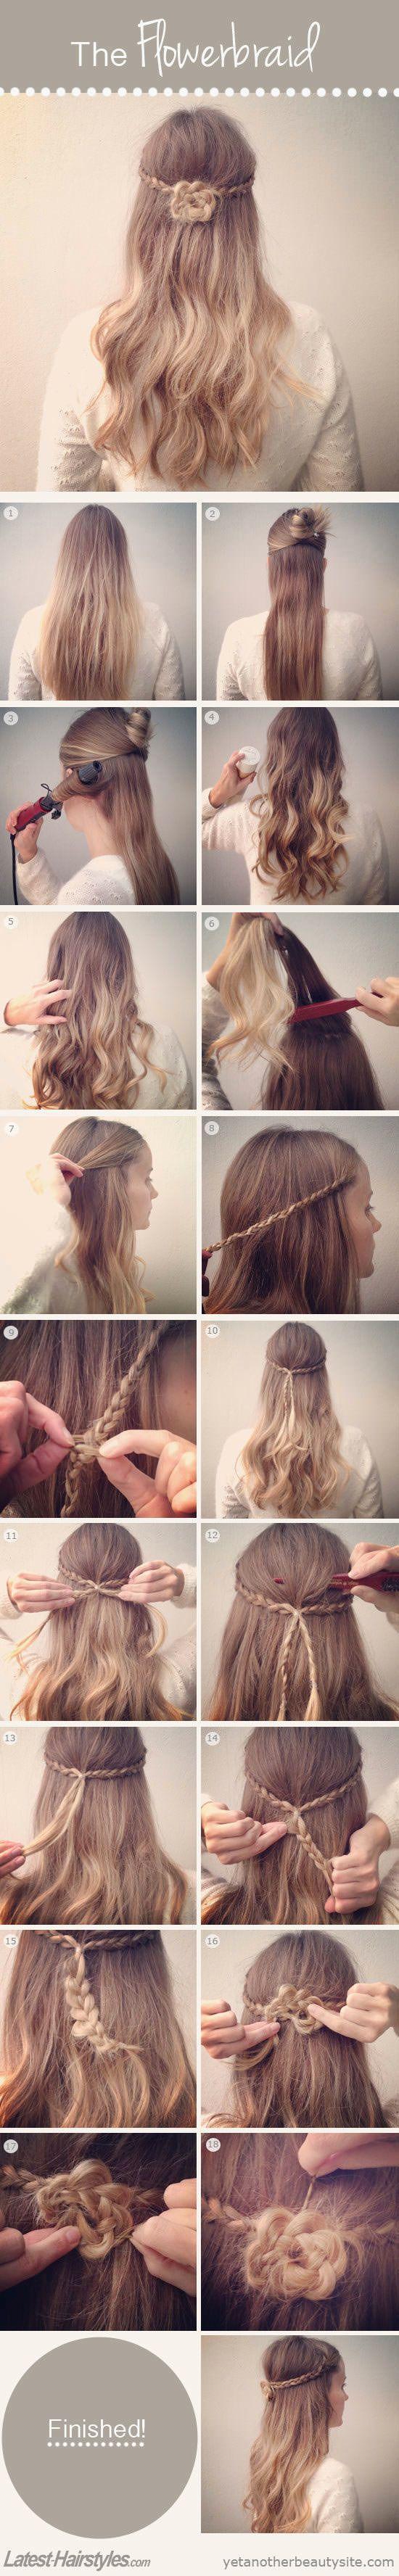 flower braid tutoria